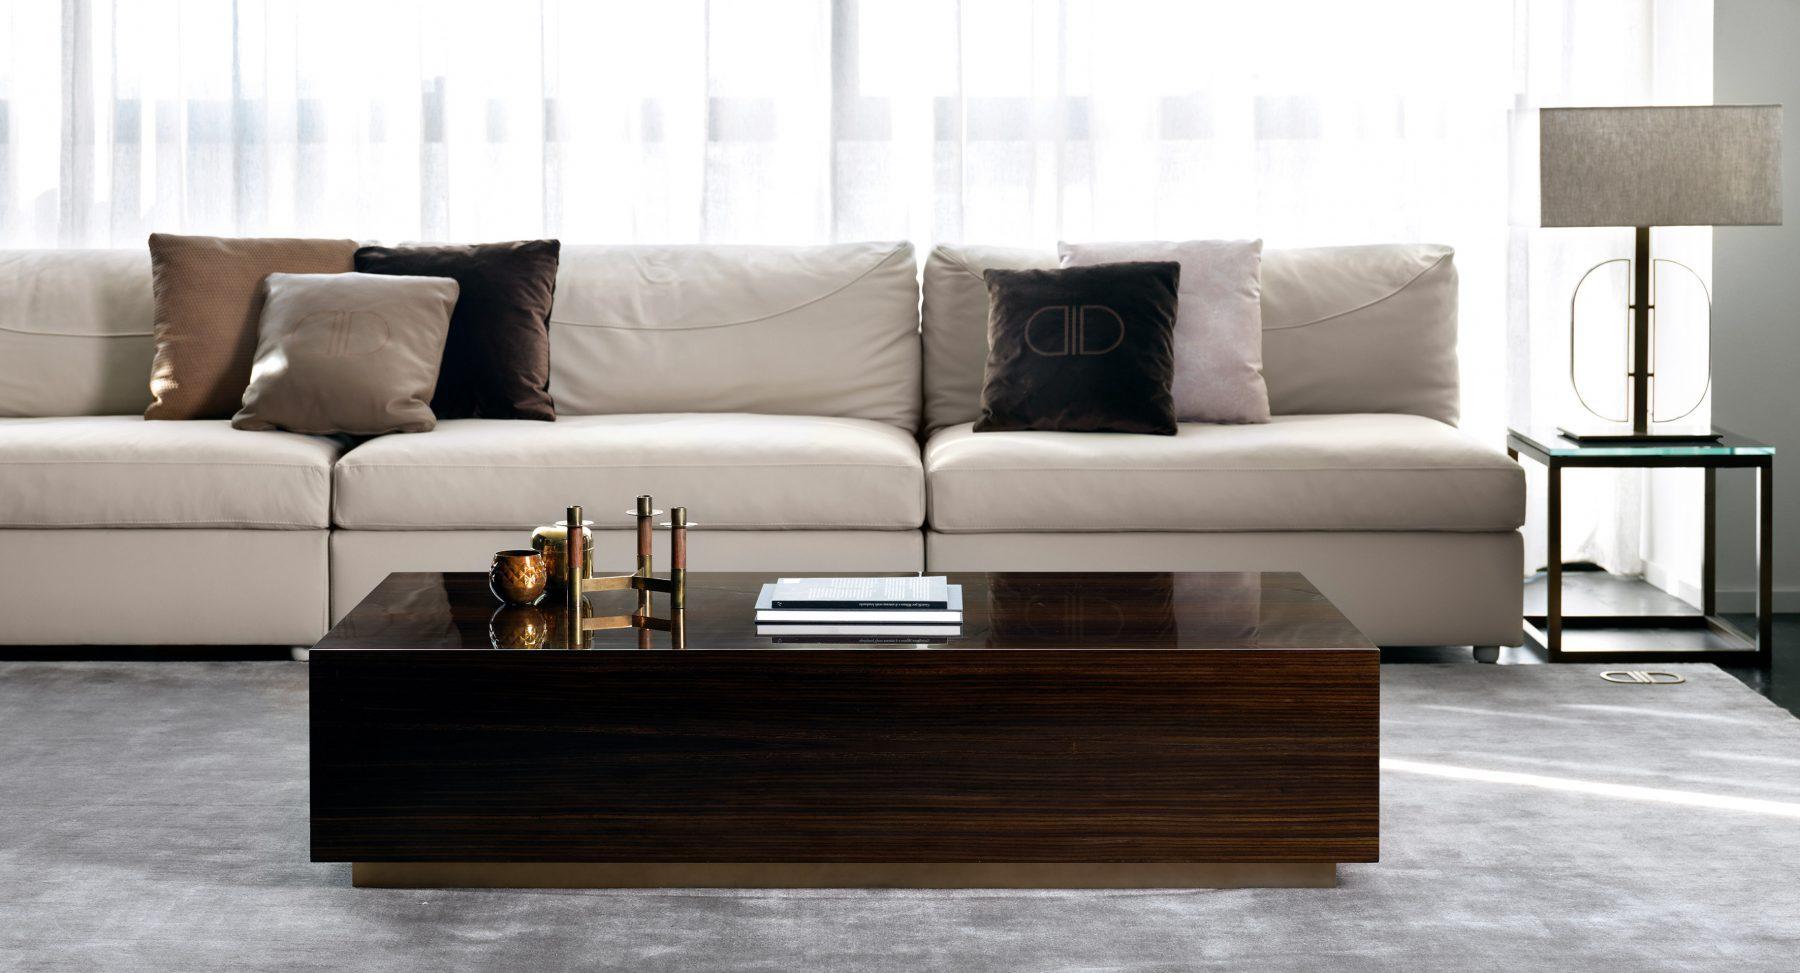 Passerini Luxury Furniture Online Store  Luxury & Creativity Made